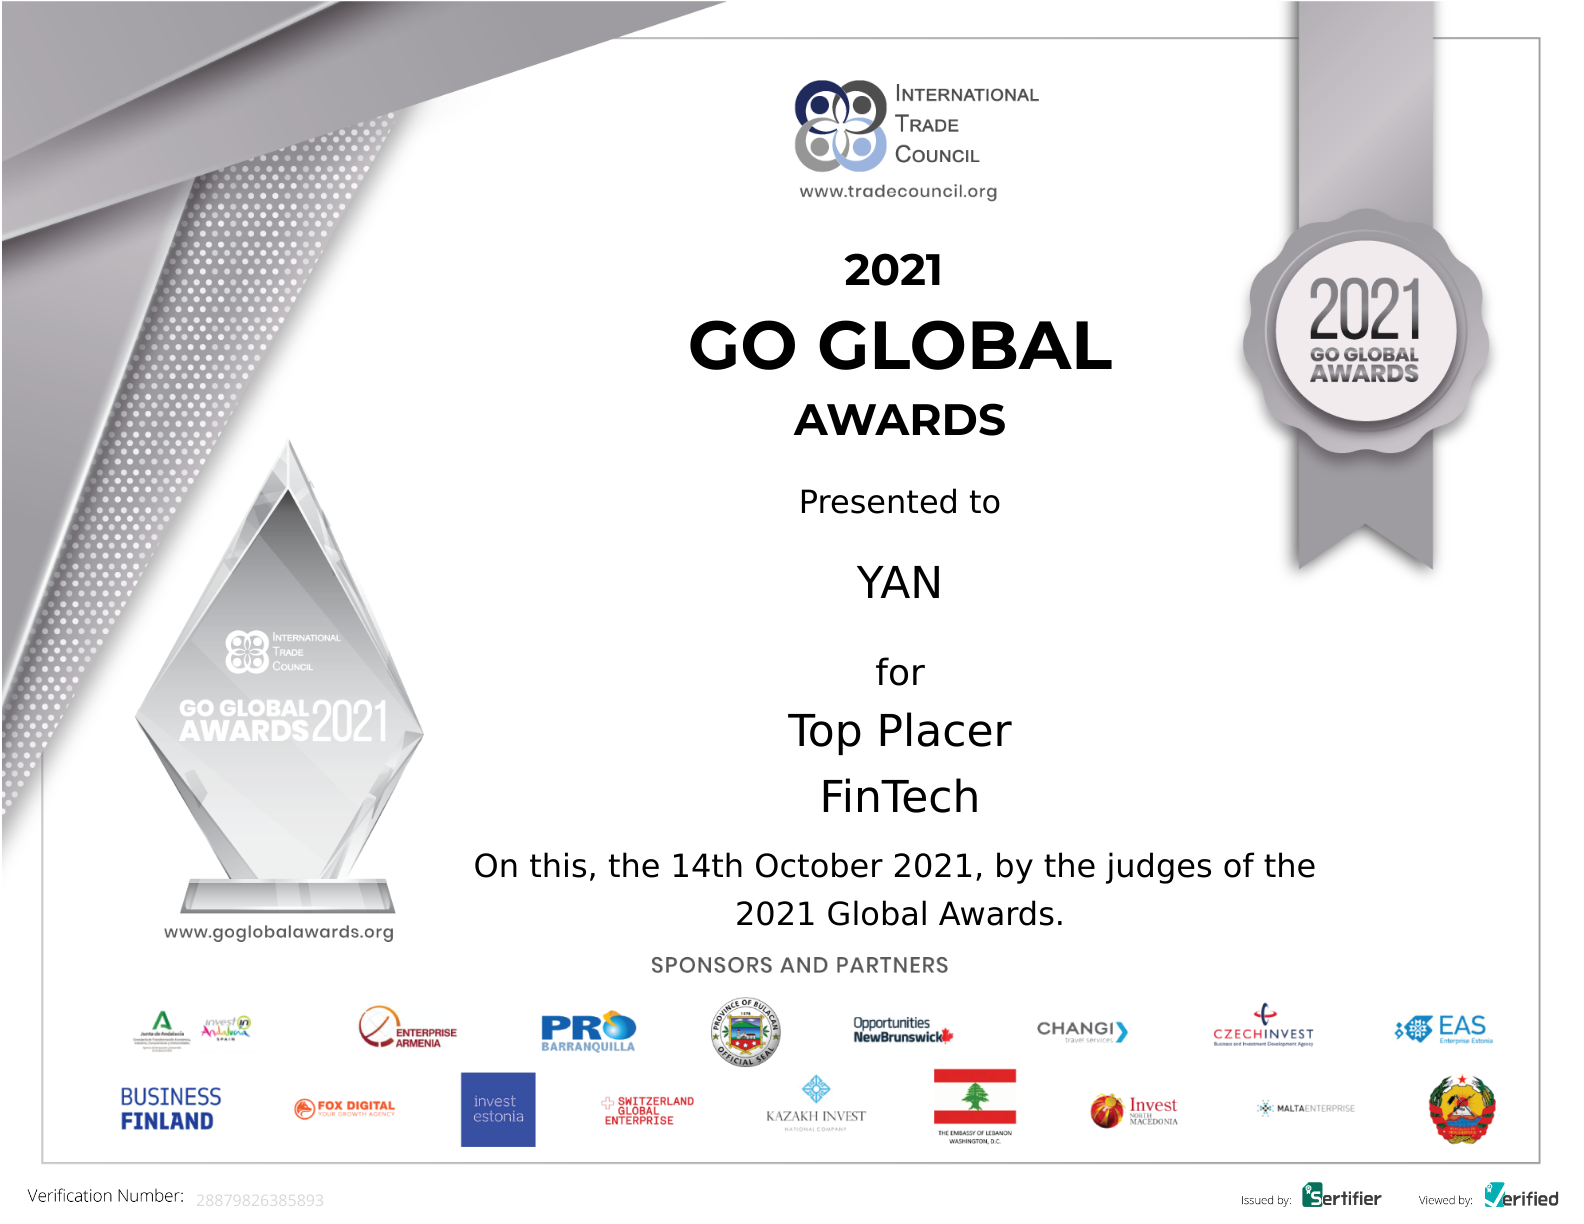 YAN's Go Global Award 2021